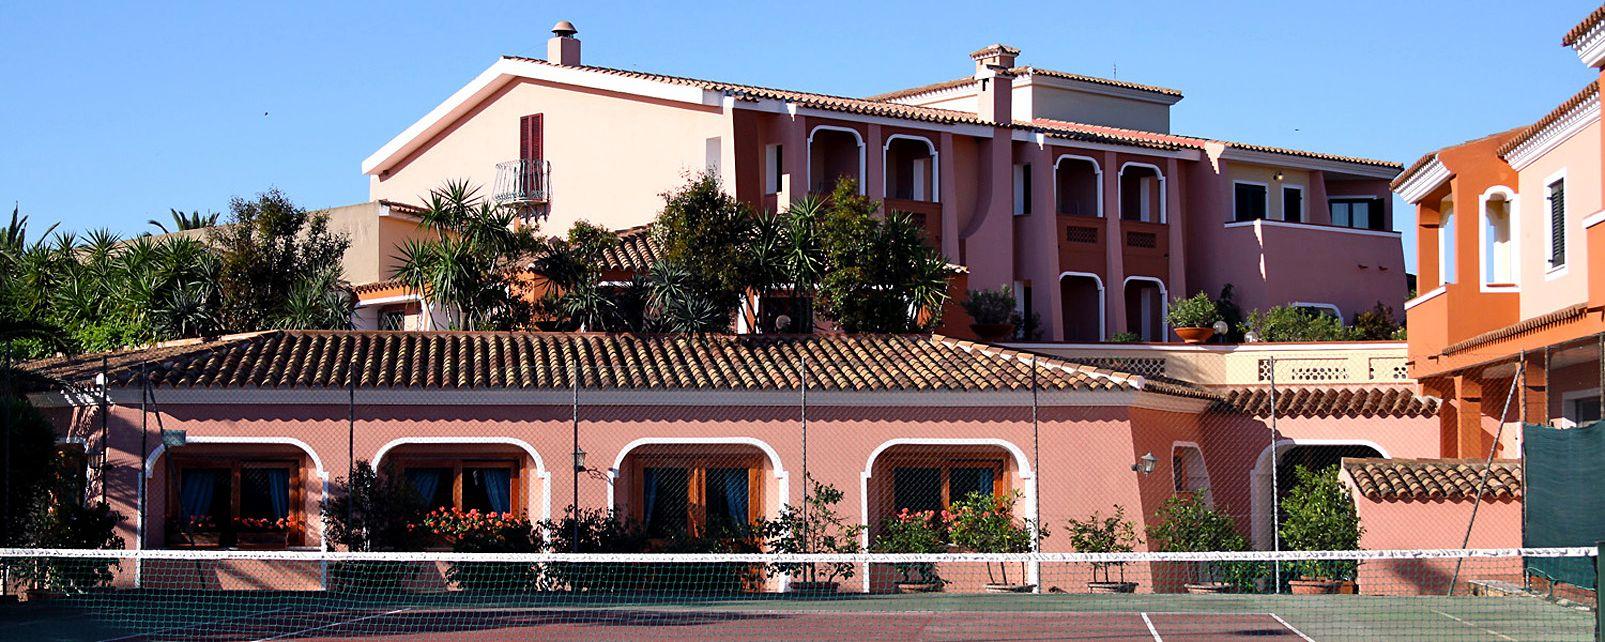 Hotel Cala Ginepro Hotel